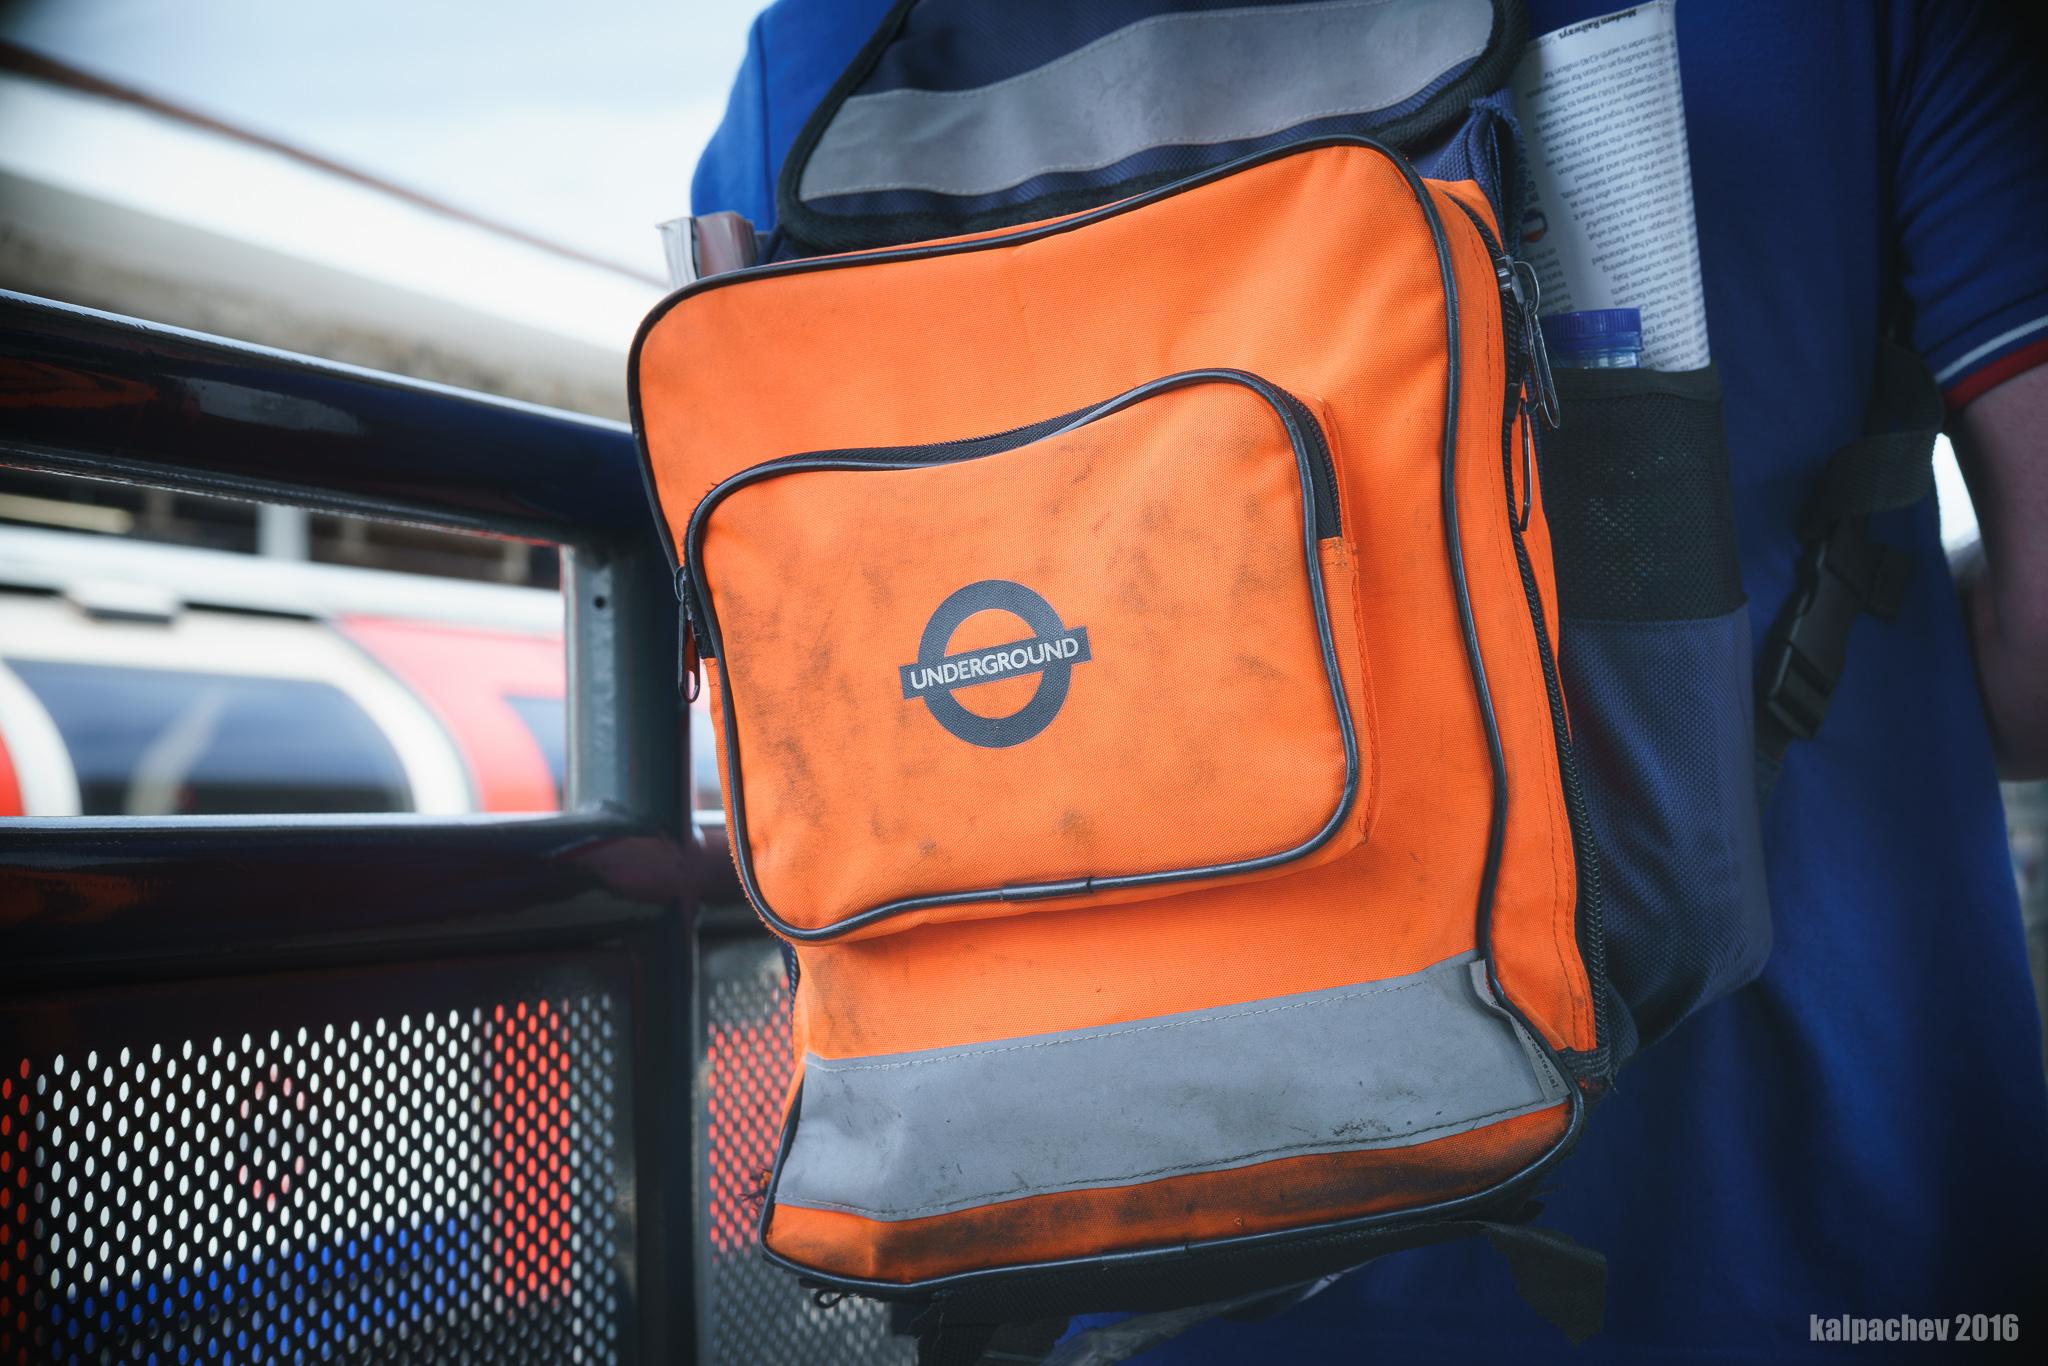 London Underground #underground #tfl